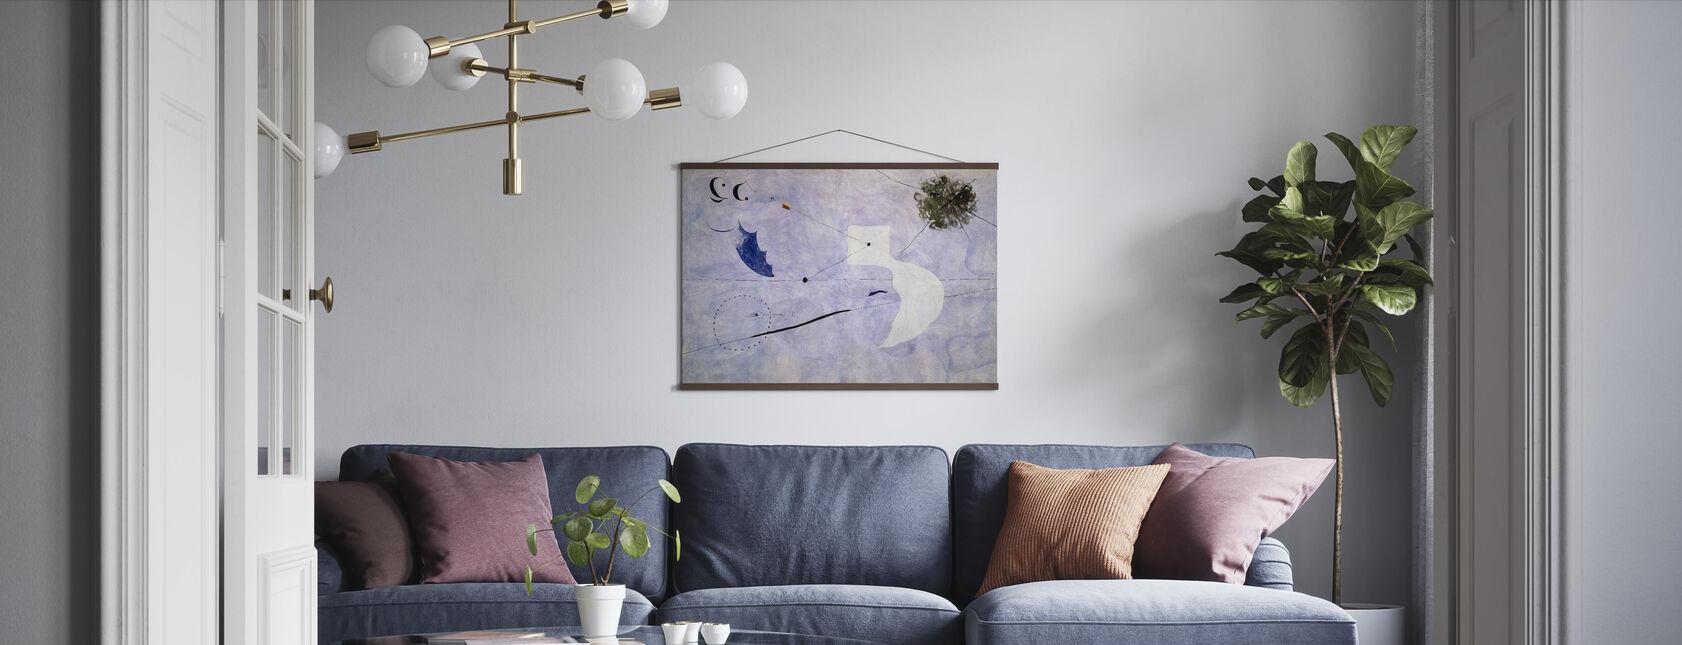 Lap - Joan Miro - Plakat - Stue